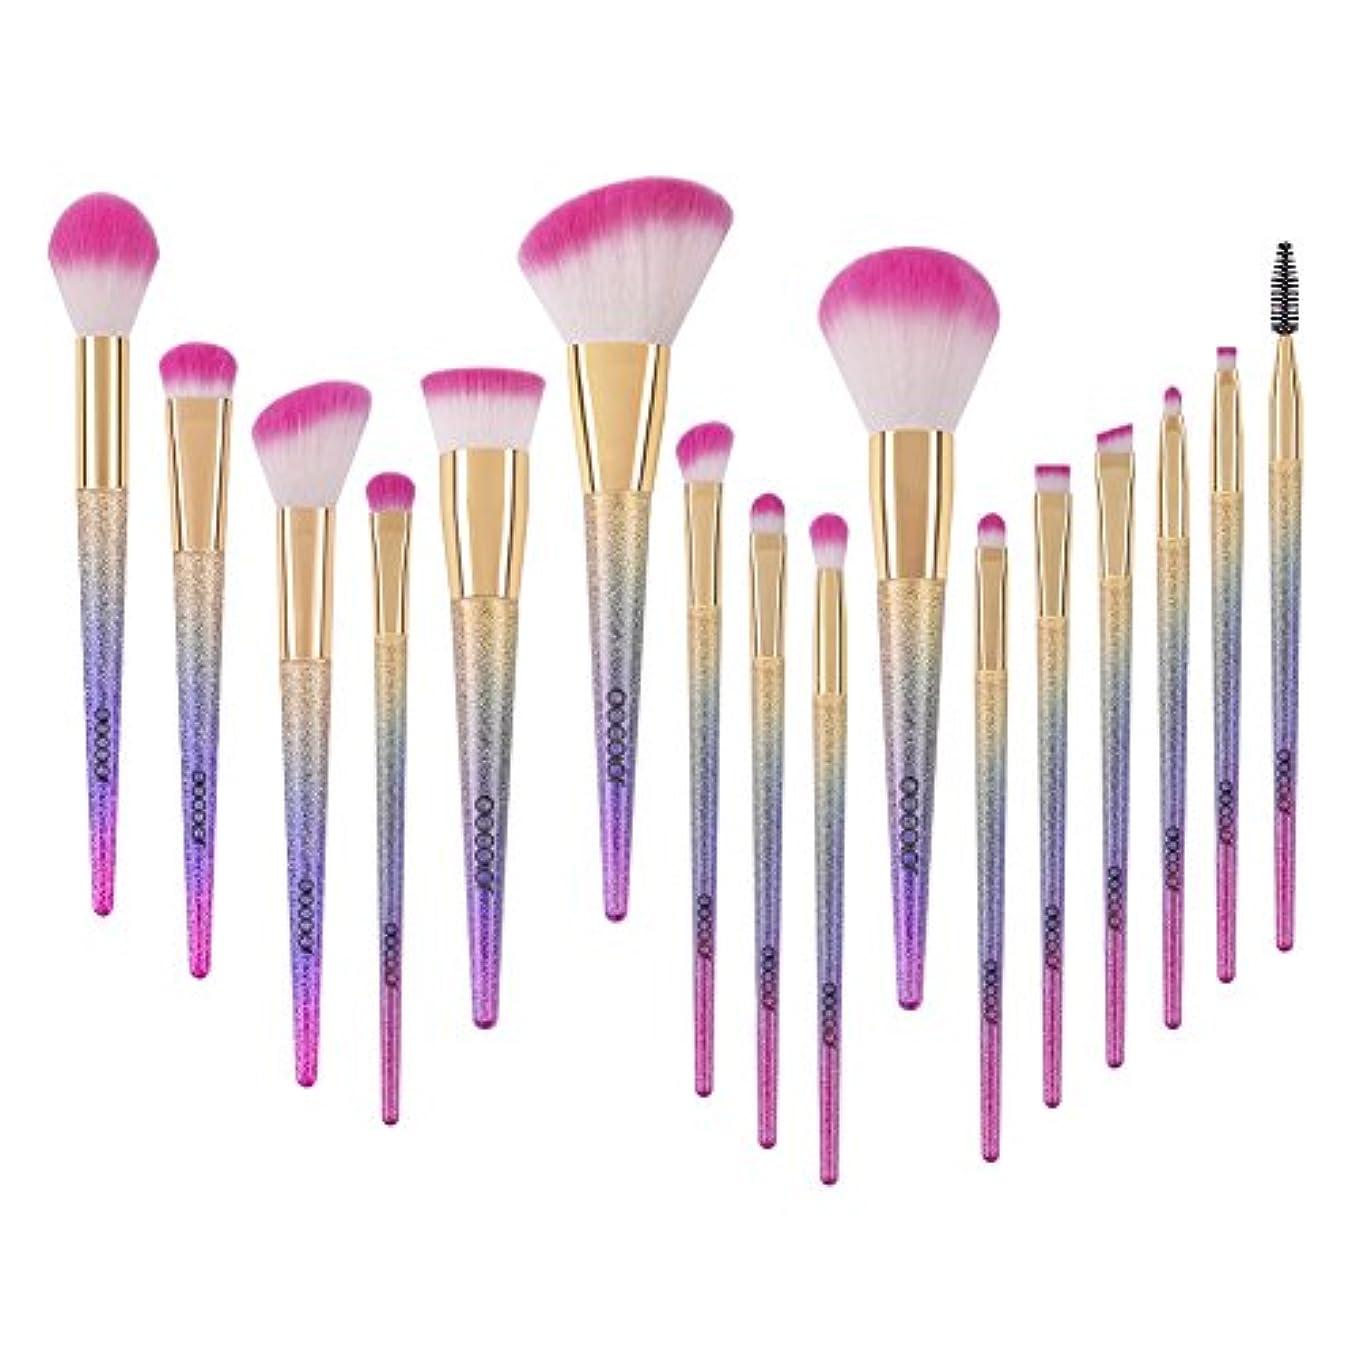 優れた教室フレッシュDocolor ドゥカラー 化粧筆 メイクブラシ 16本セット 欧米で大ブーム中のレインボーブラシ